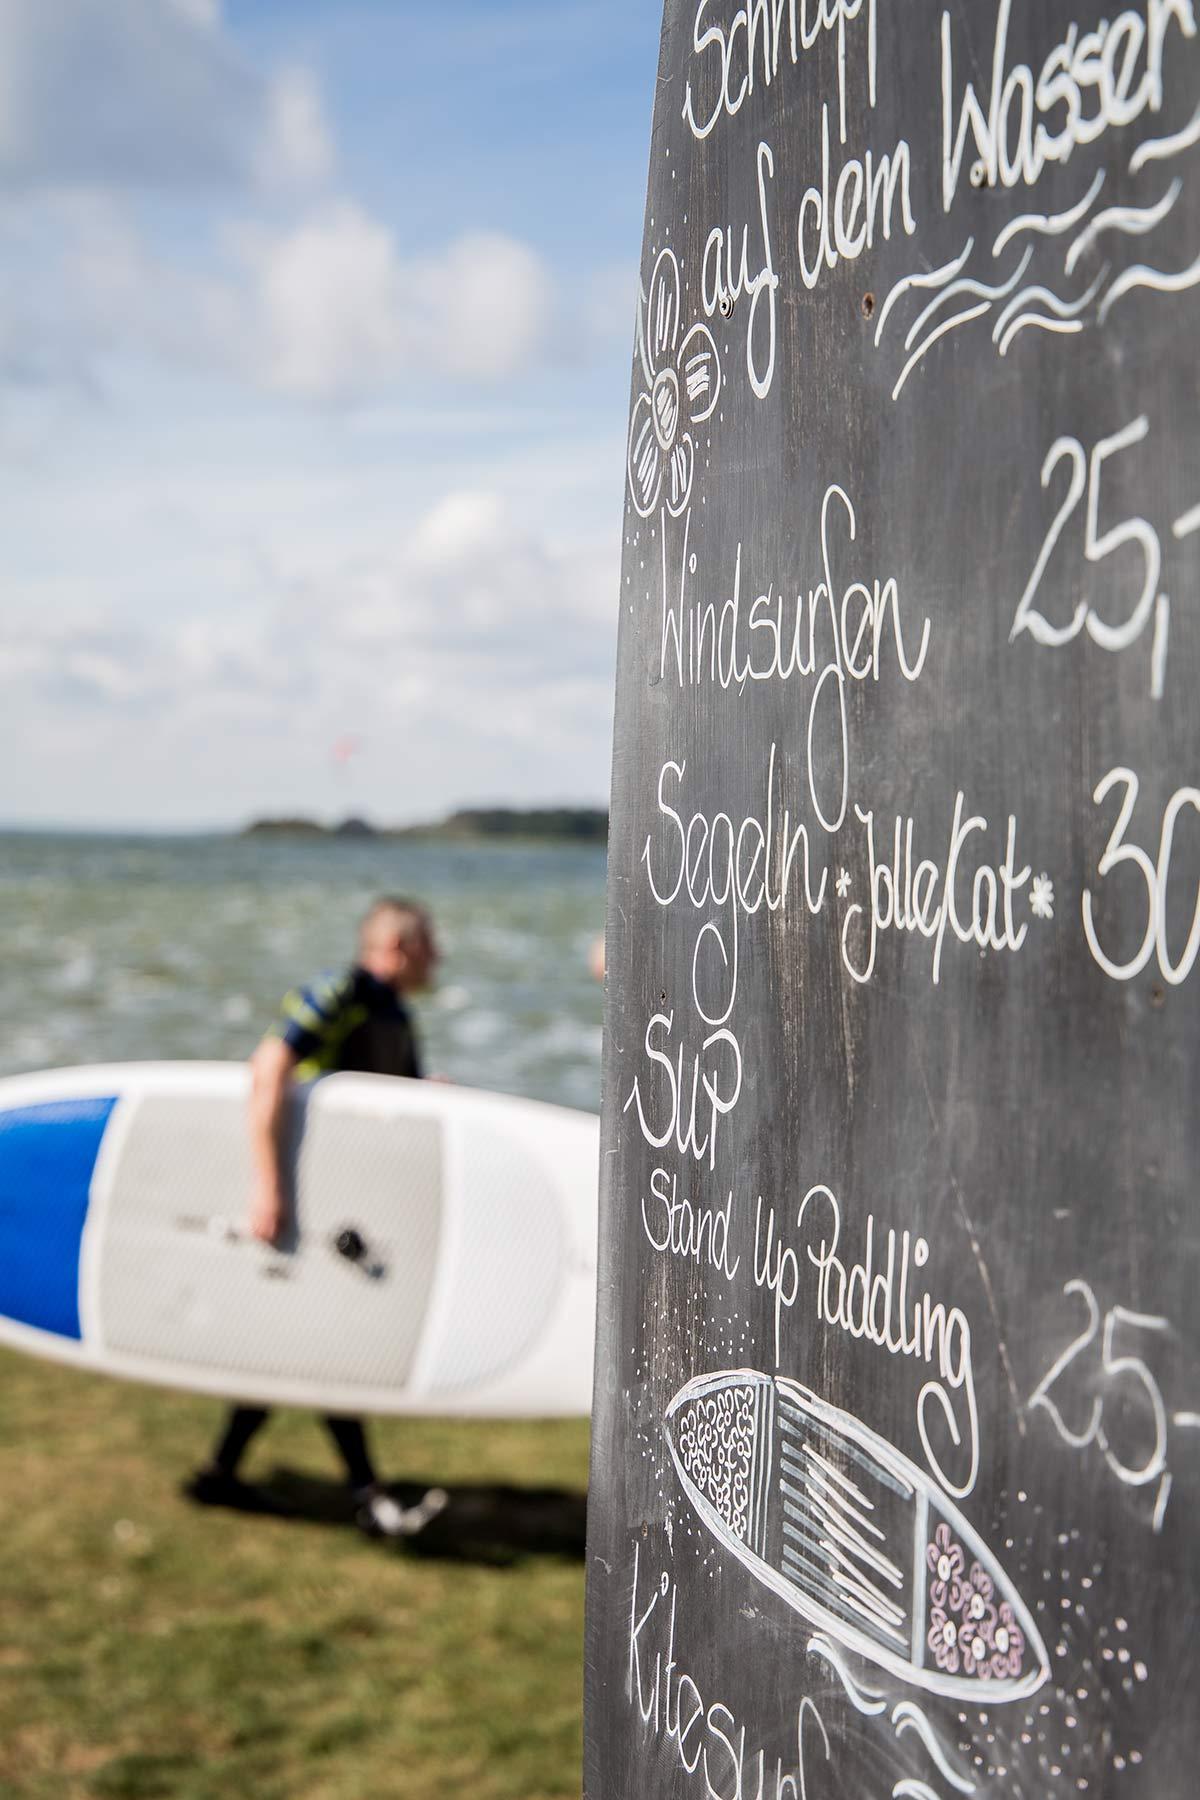 Surfer beim Cafe Knatter in Ueckeritz auf Usedom